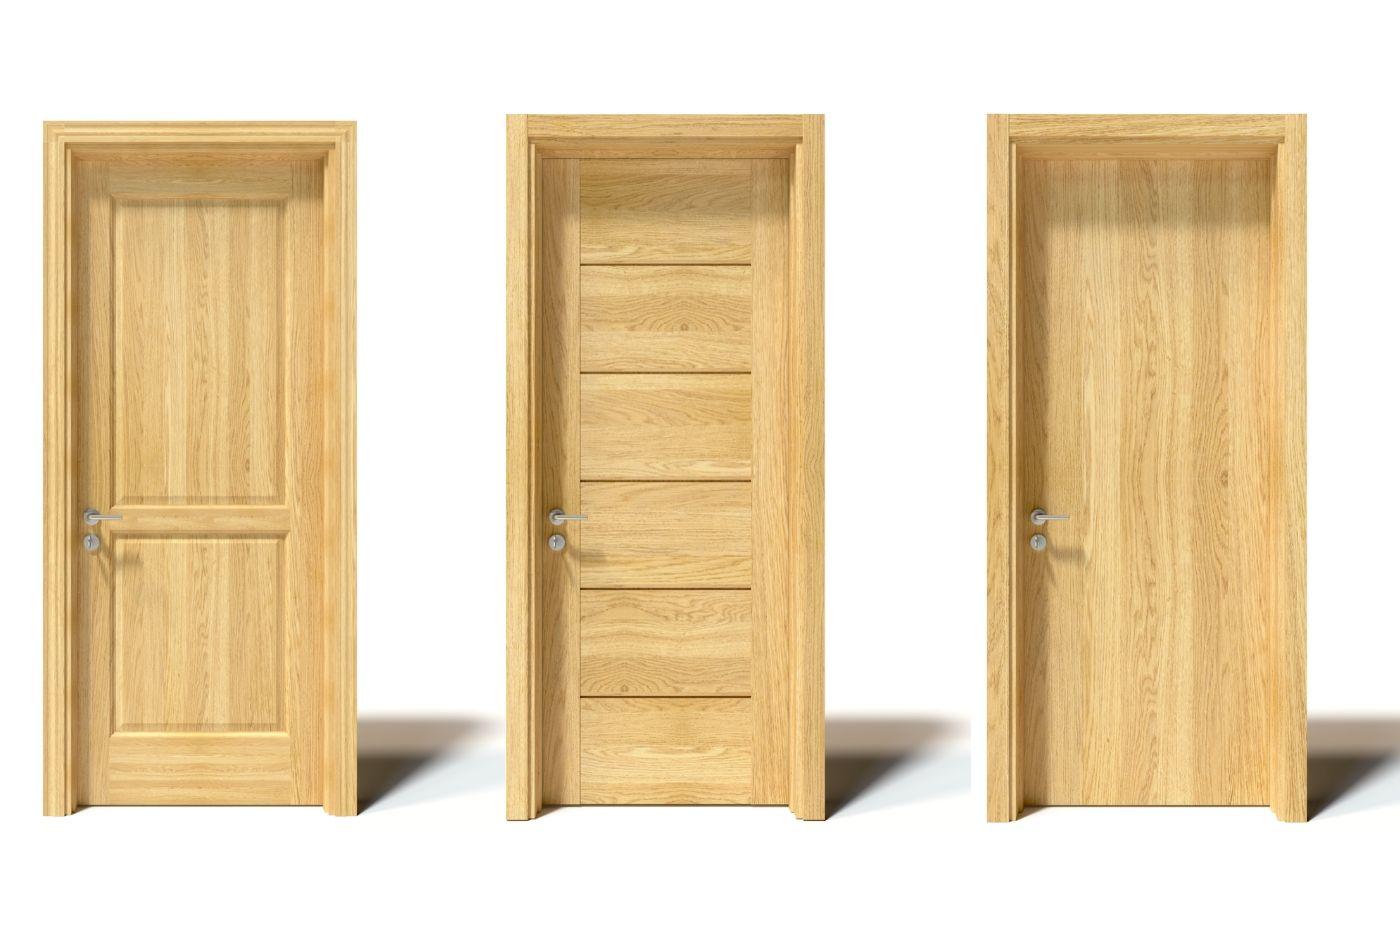 Đặc điểm nổi bật cửa gỗ sồi